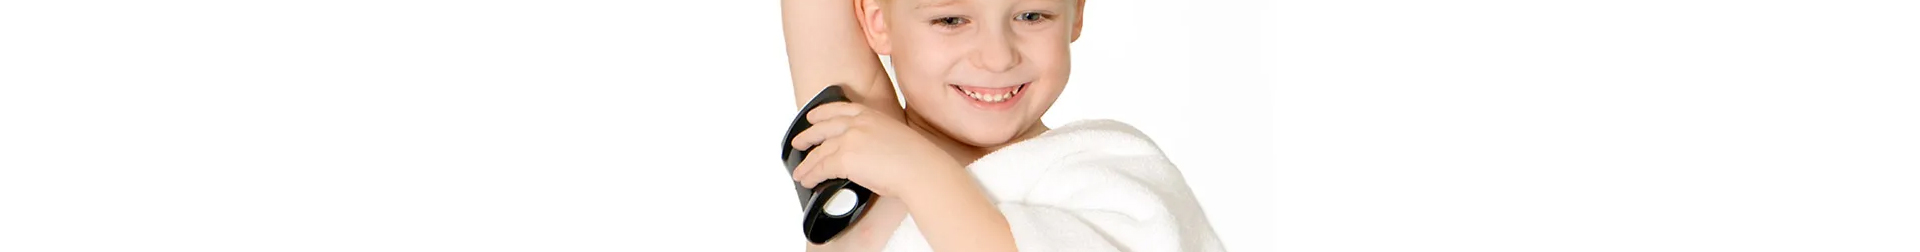 Deodorants | Buy Best Deodorants For Kids | Aromacraze.com